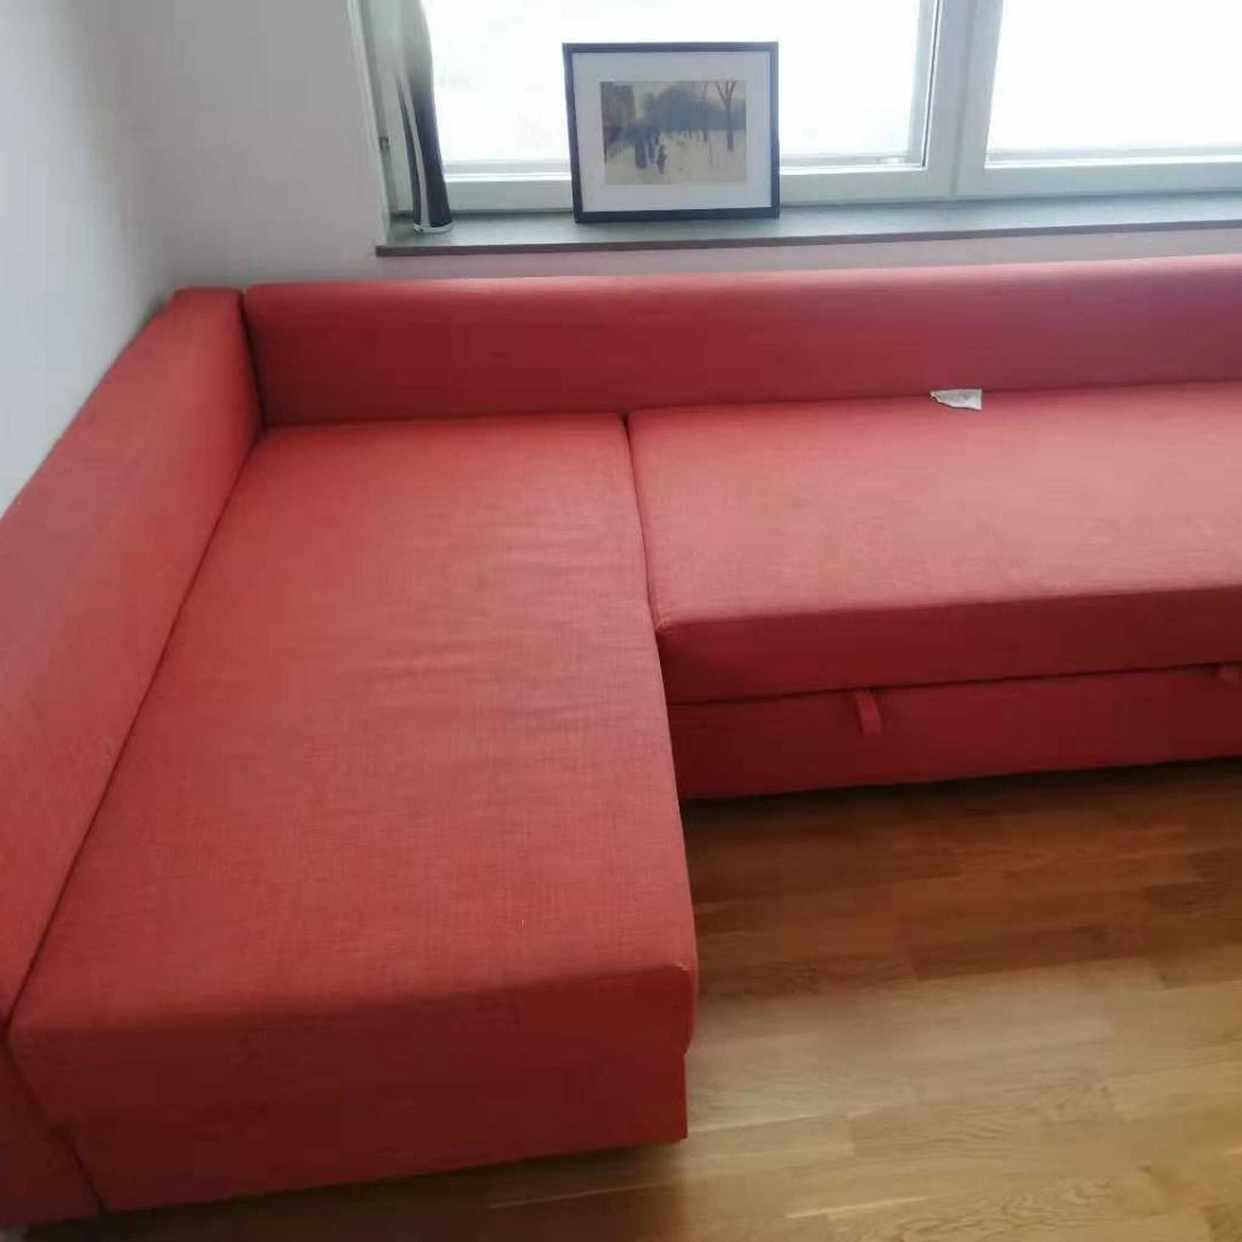 image of IKEA Friheten sofabed - Solna